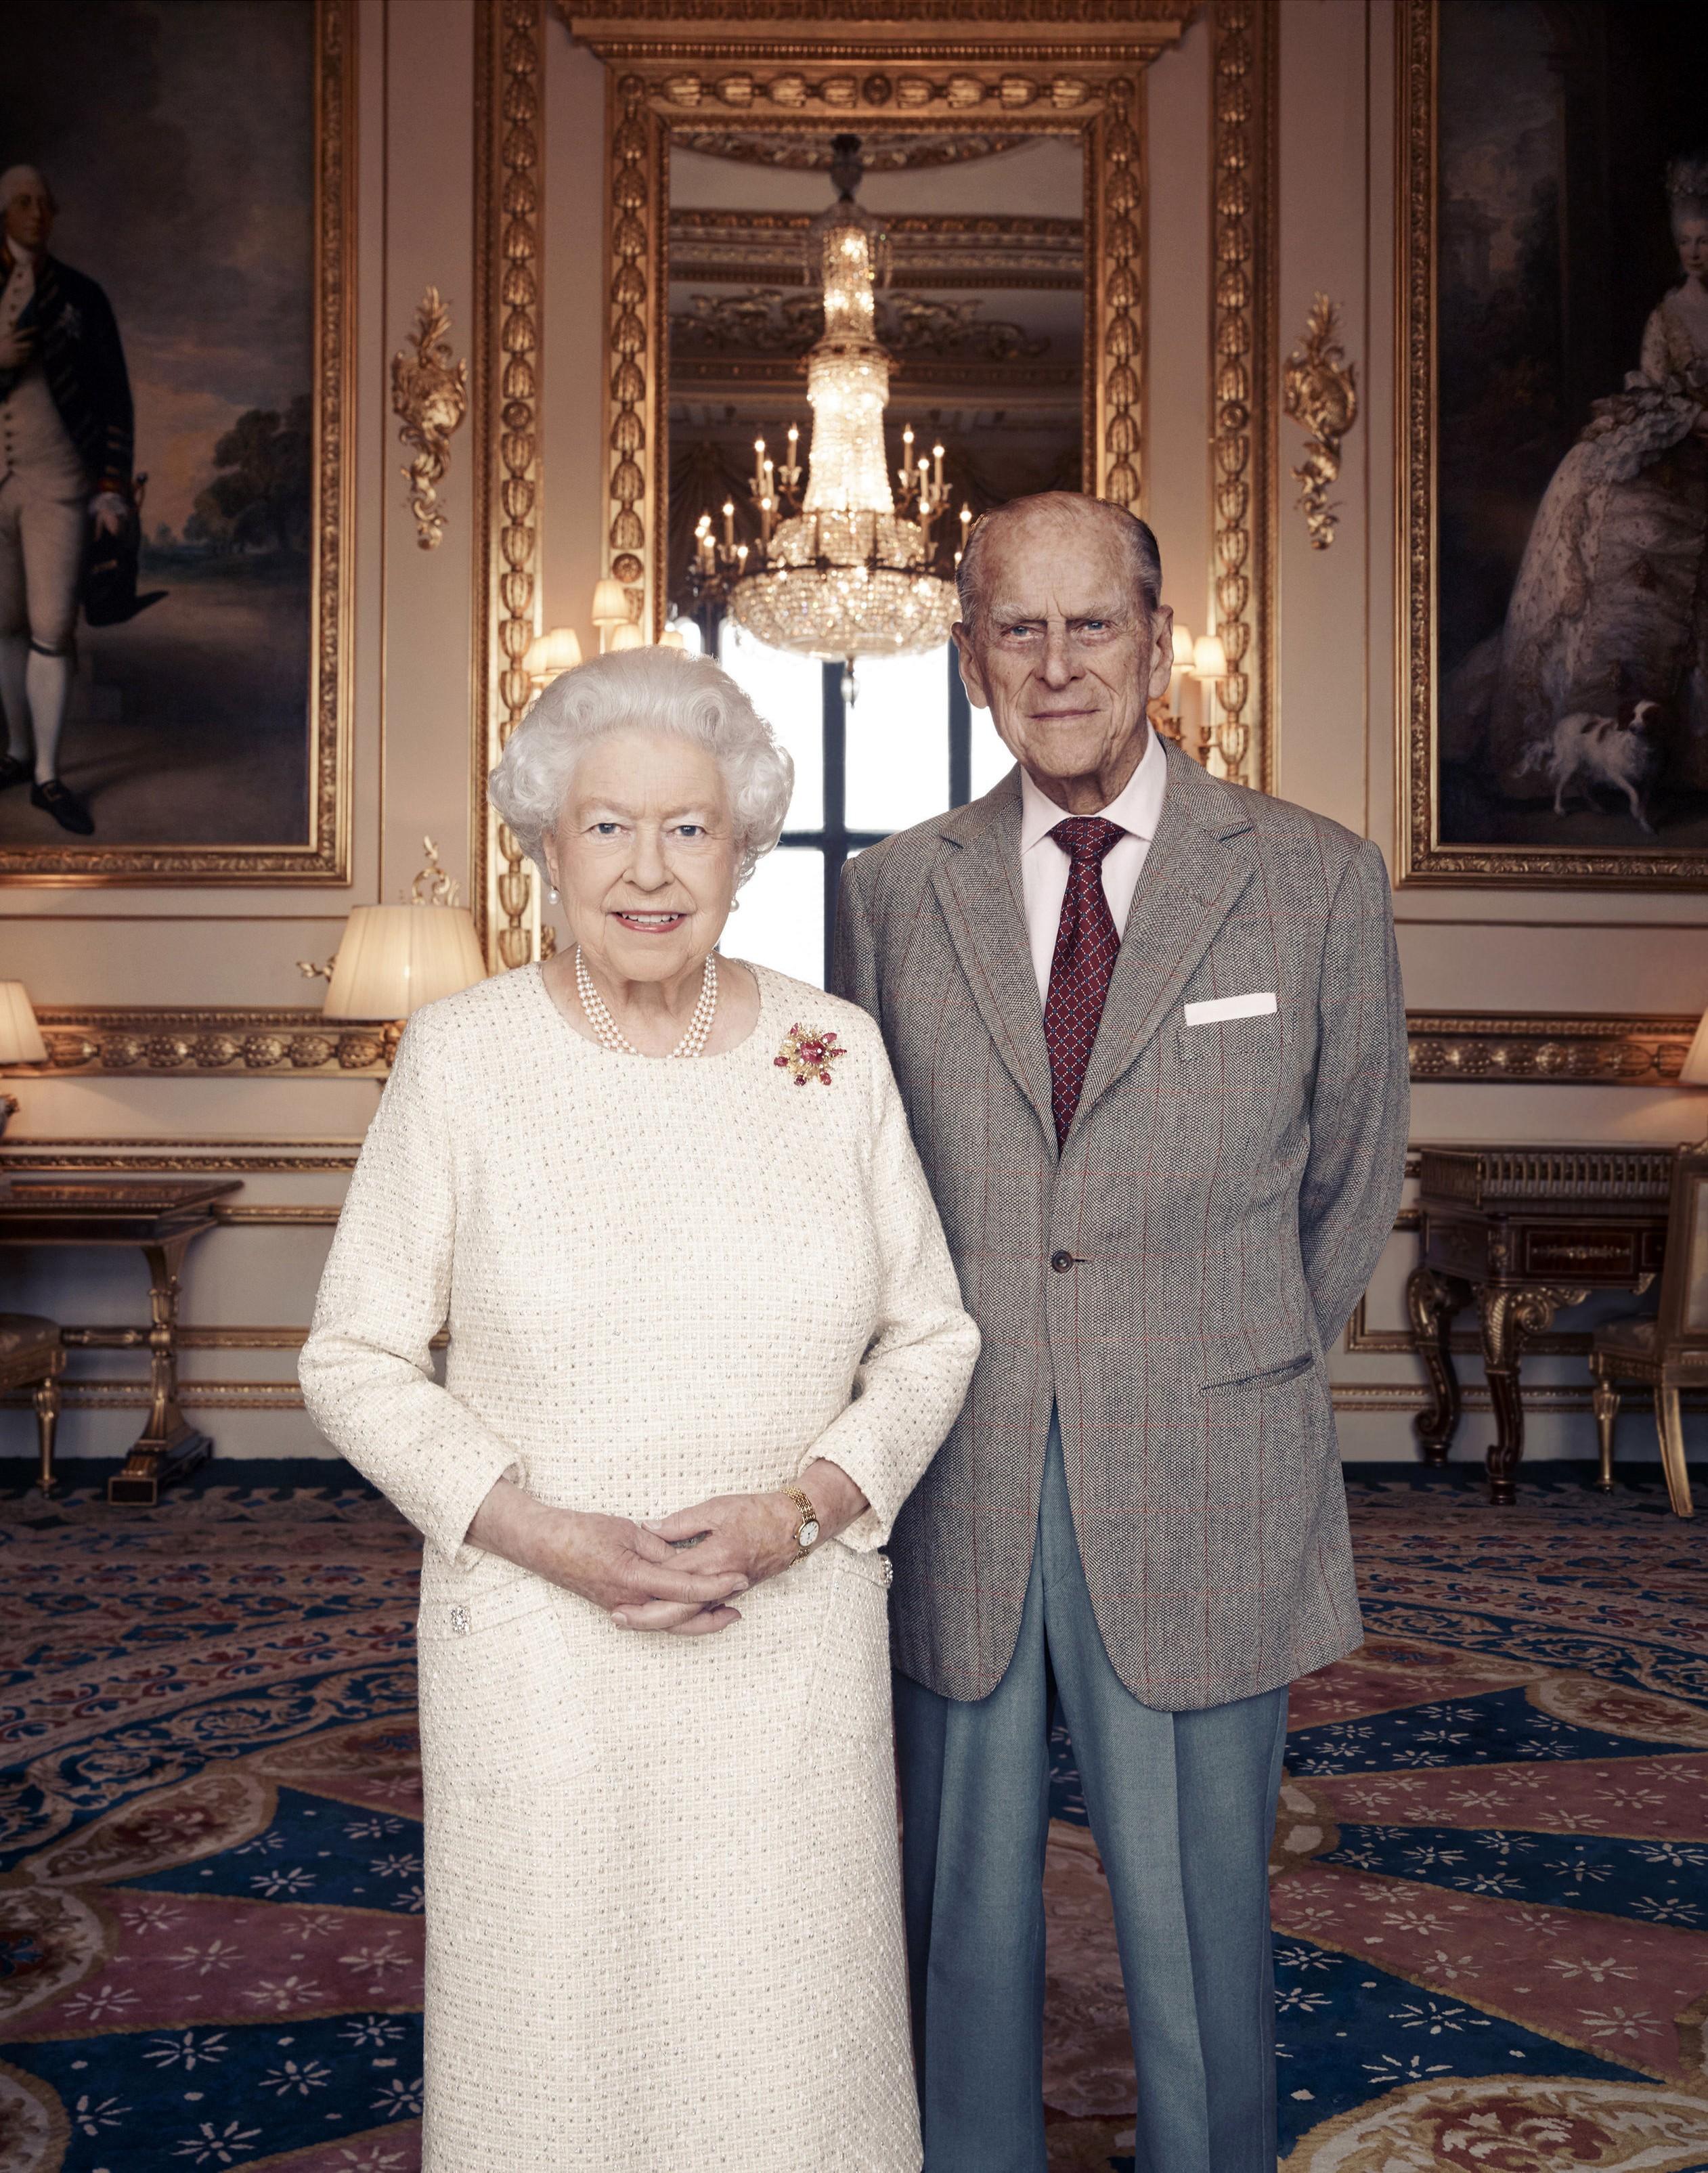 Rainha Elizabeth II e príncipe Philip ganham novo retrato para marcar 70 anos de casamento